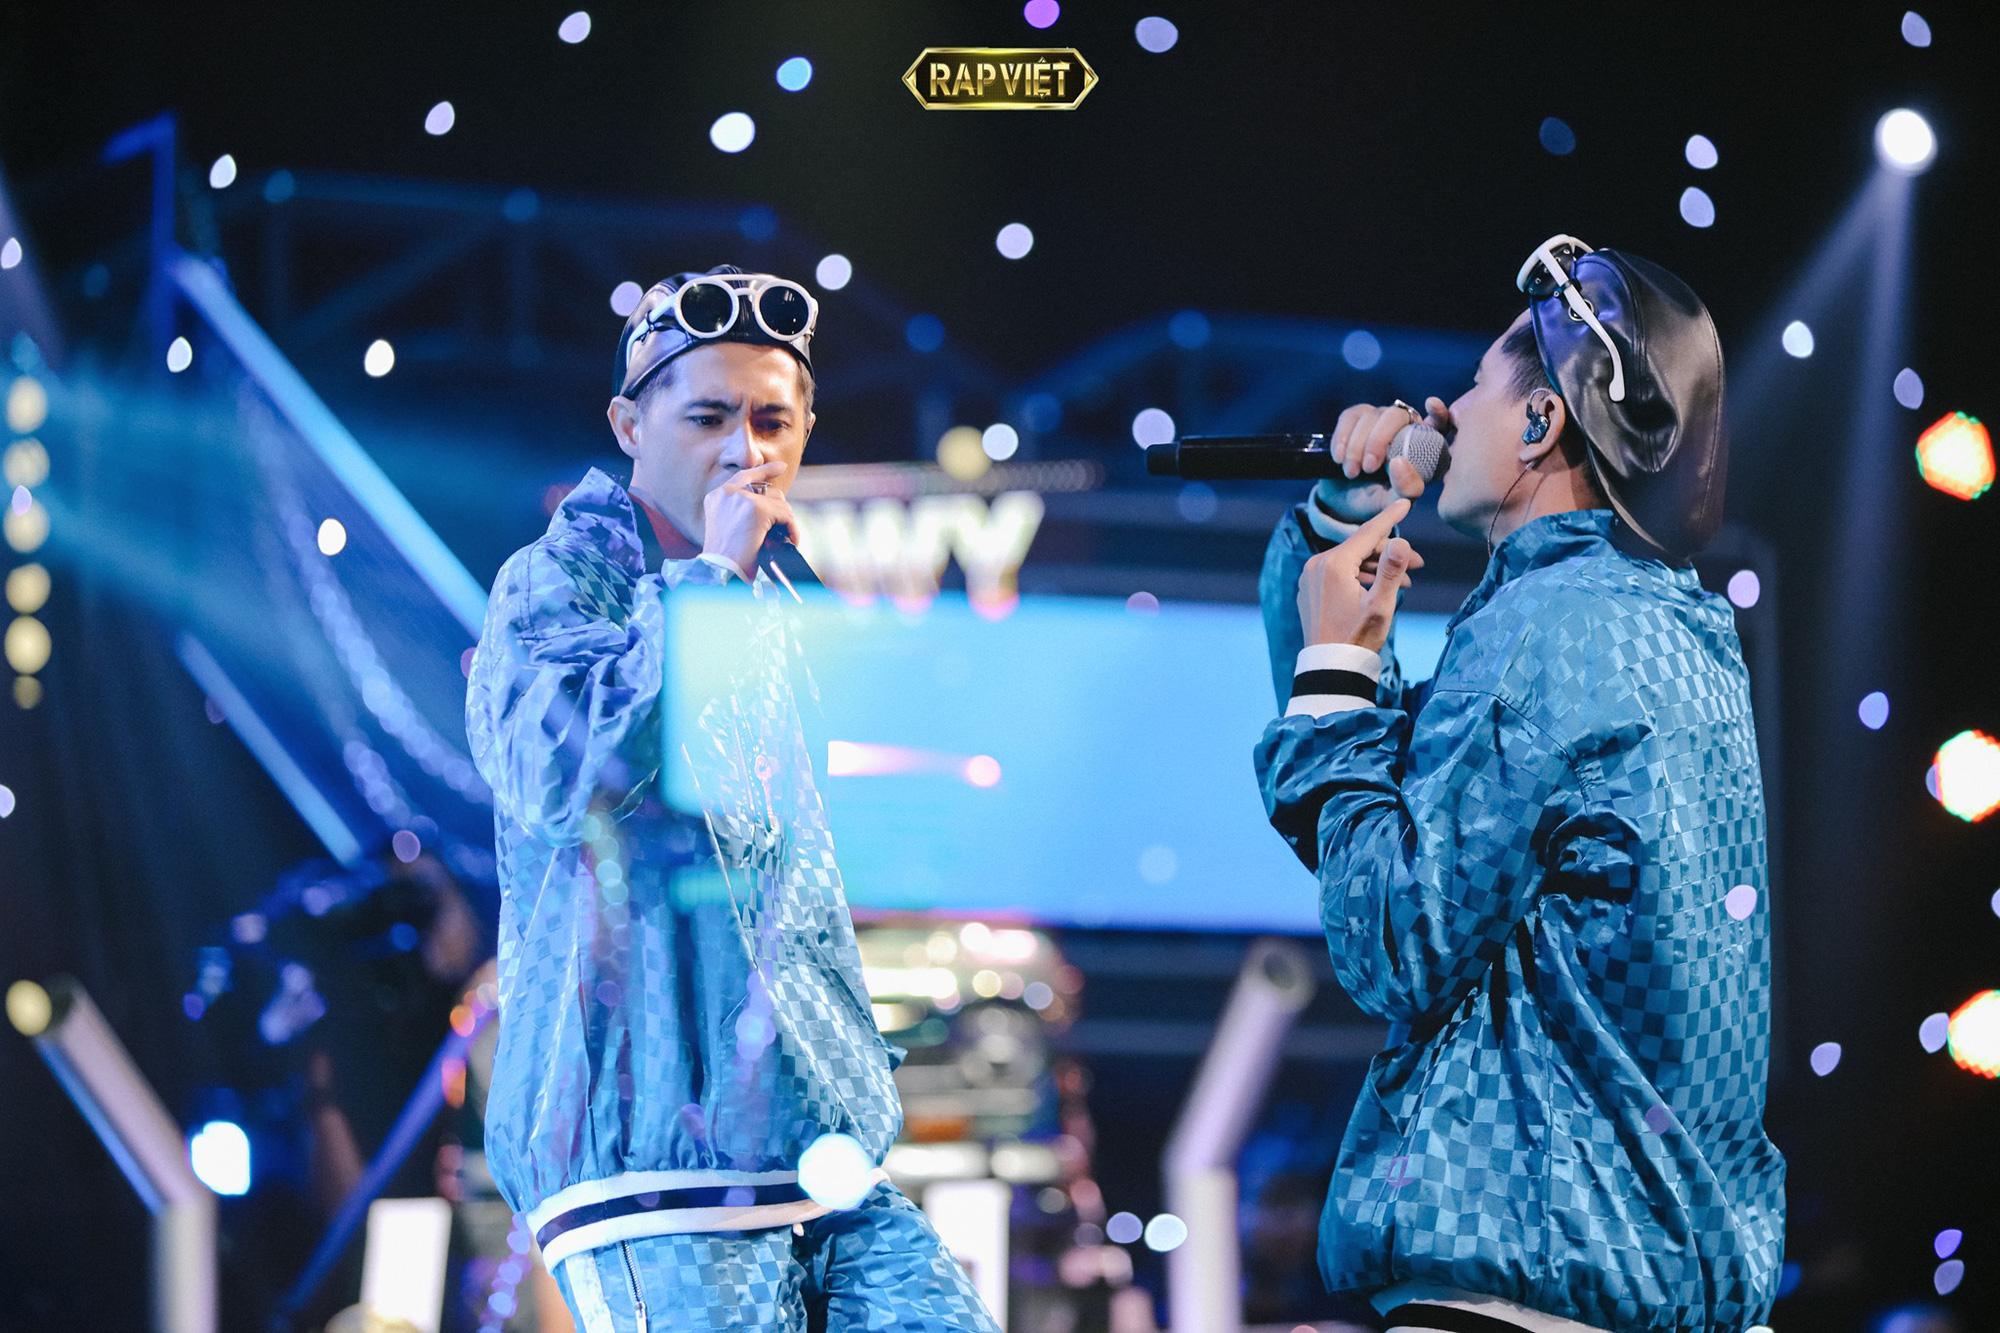 Soi 'profile' của chàng rapper điển trai Lăng LD khiến nội bộ 'Rap Việt' xào xáo   Giải trí   Media   Thanh Niên